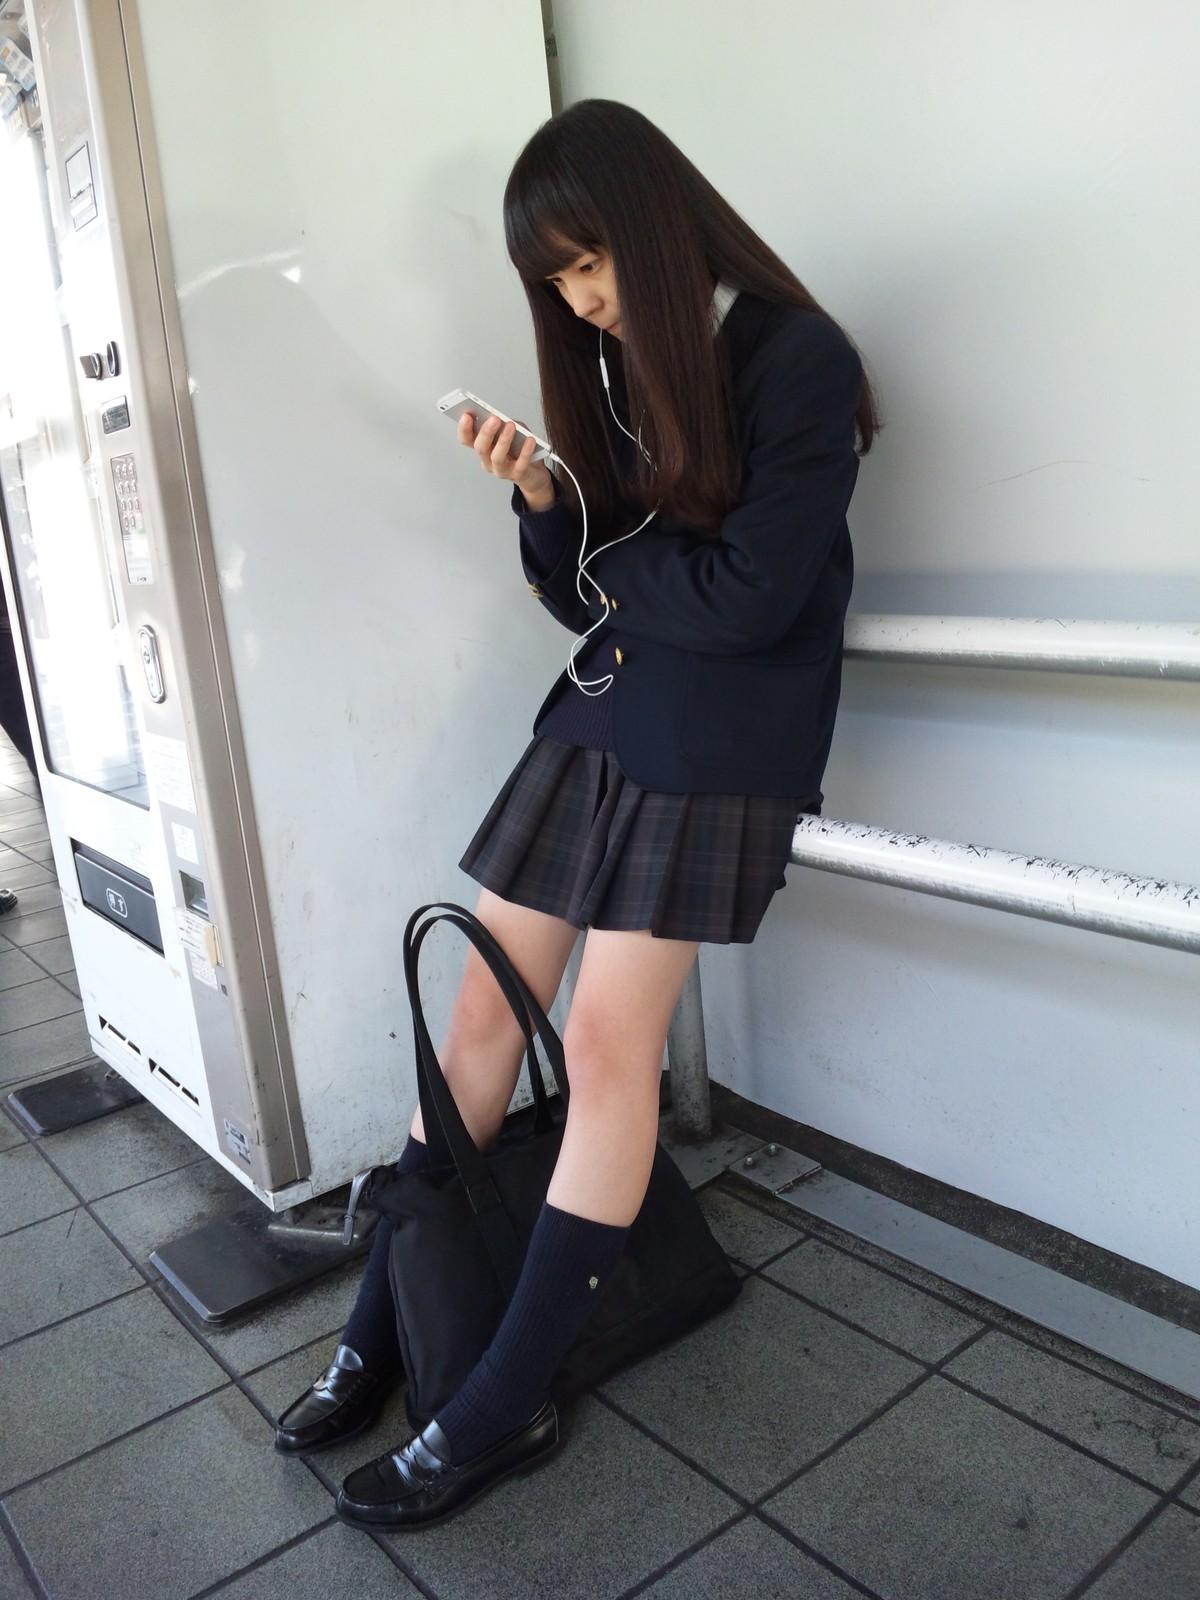 同じ女子高生をバレずに執拗に数枚撮り続けるwwwwwwwww 0AB4ApQ